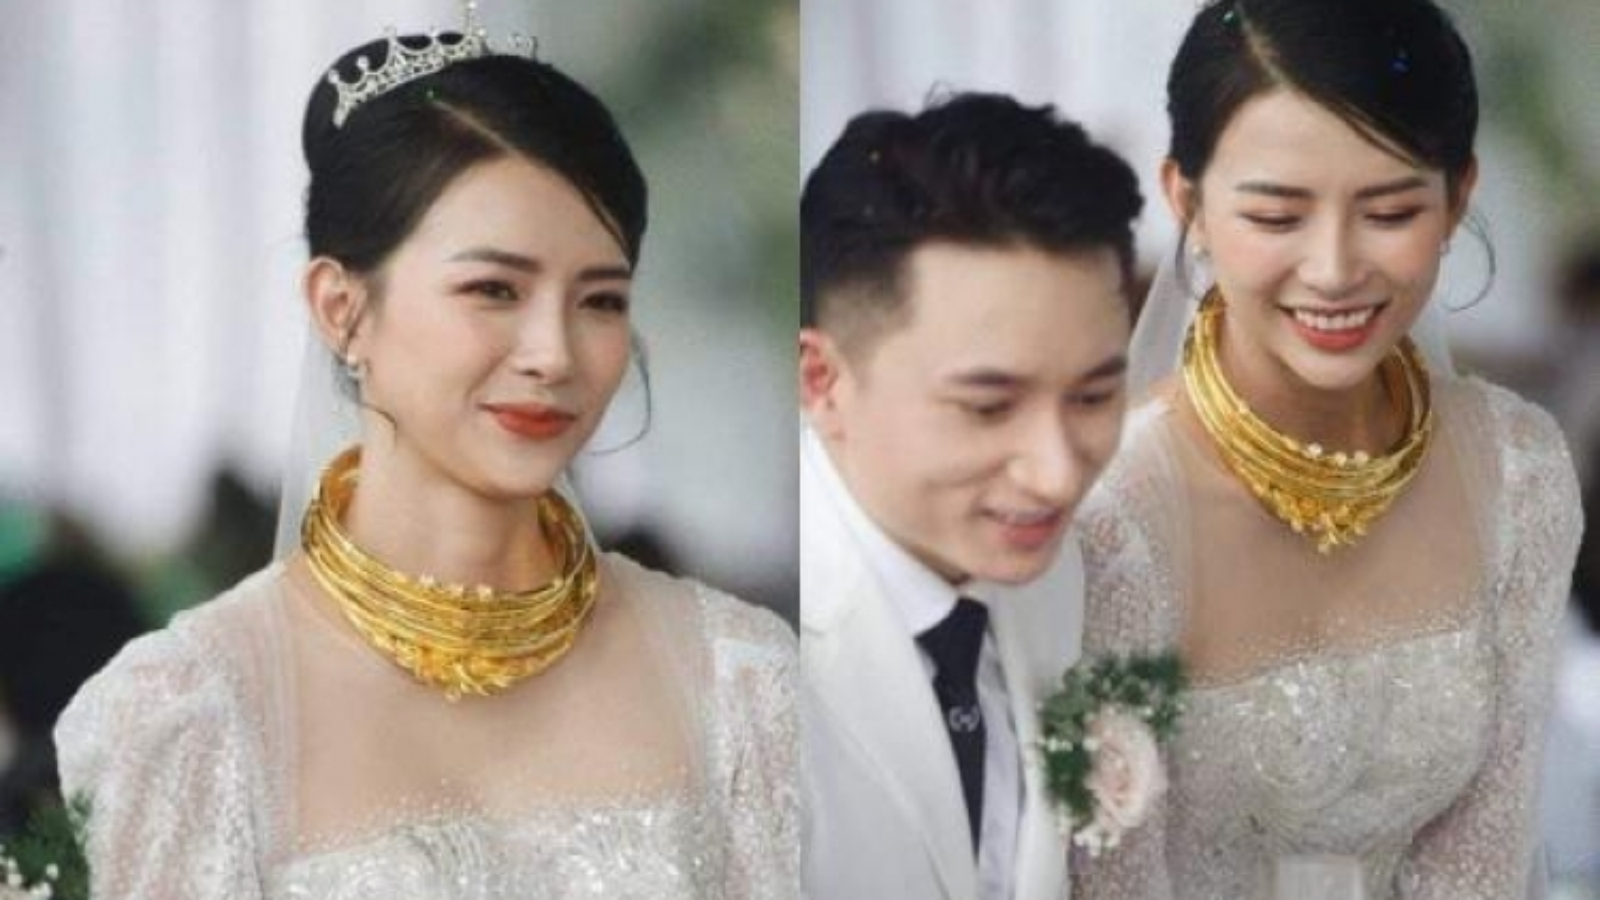 Chuyện showbiz: Đám cưới hoành tráng của Phan Mạnh Quỳnh và vợ hot girl tại Nghệ An